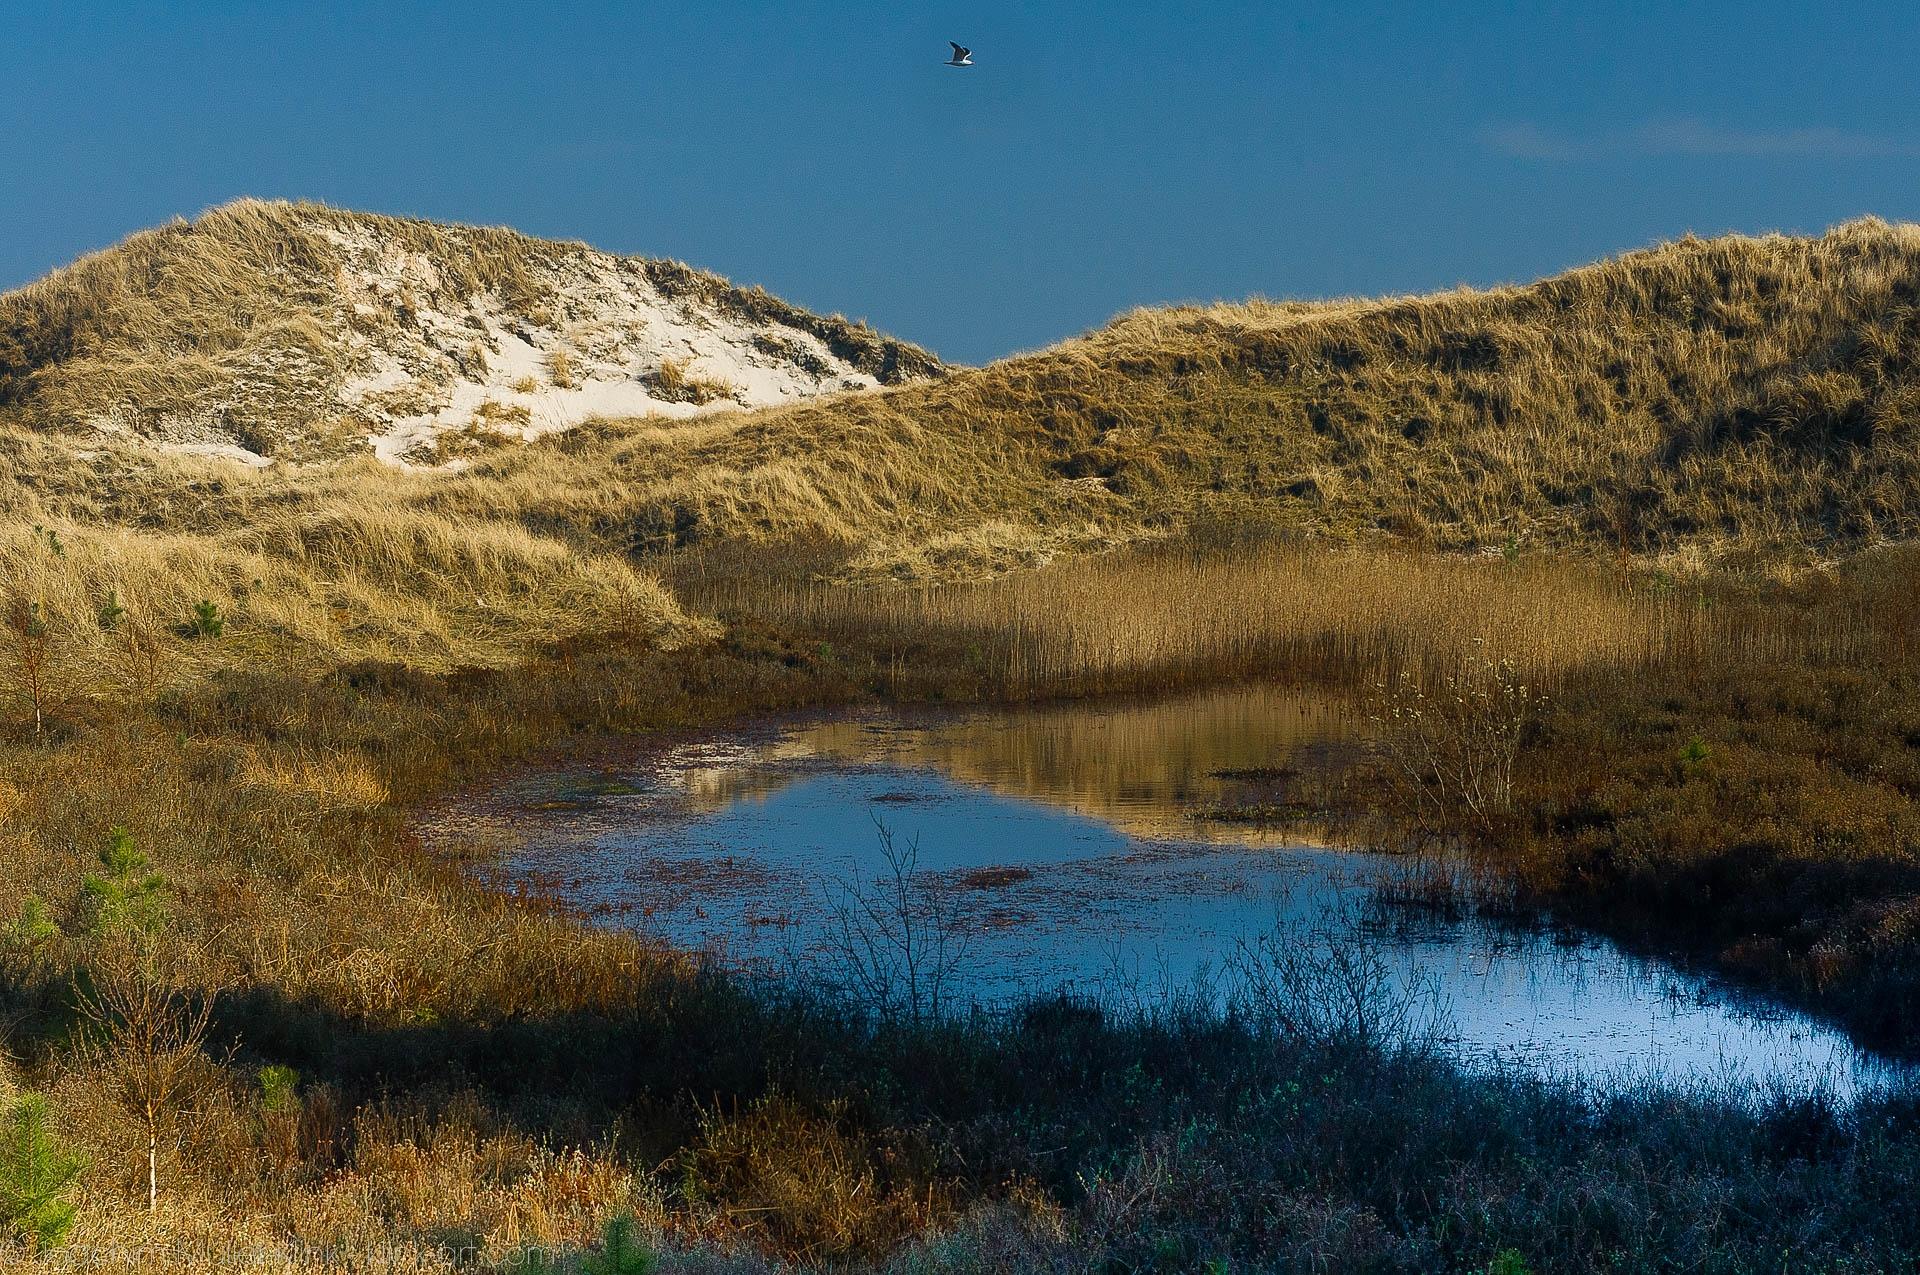 Amrumer Dünen - Dunes of Amrum